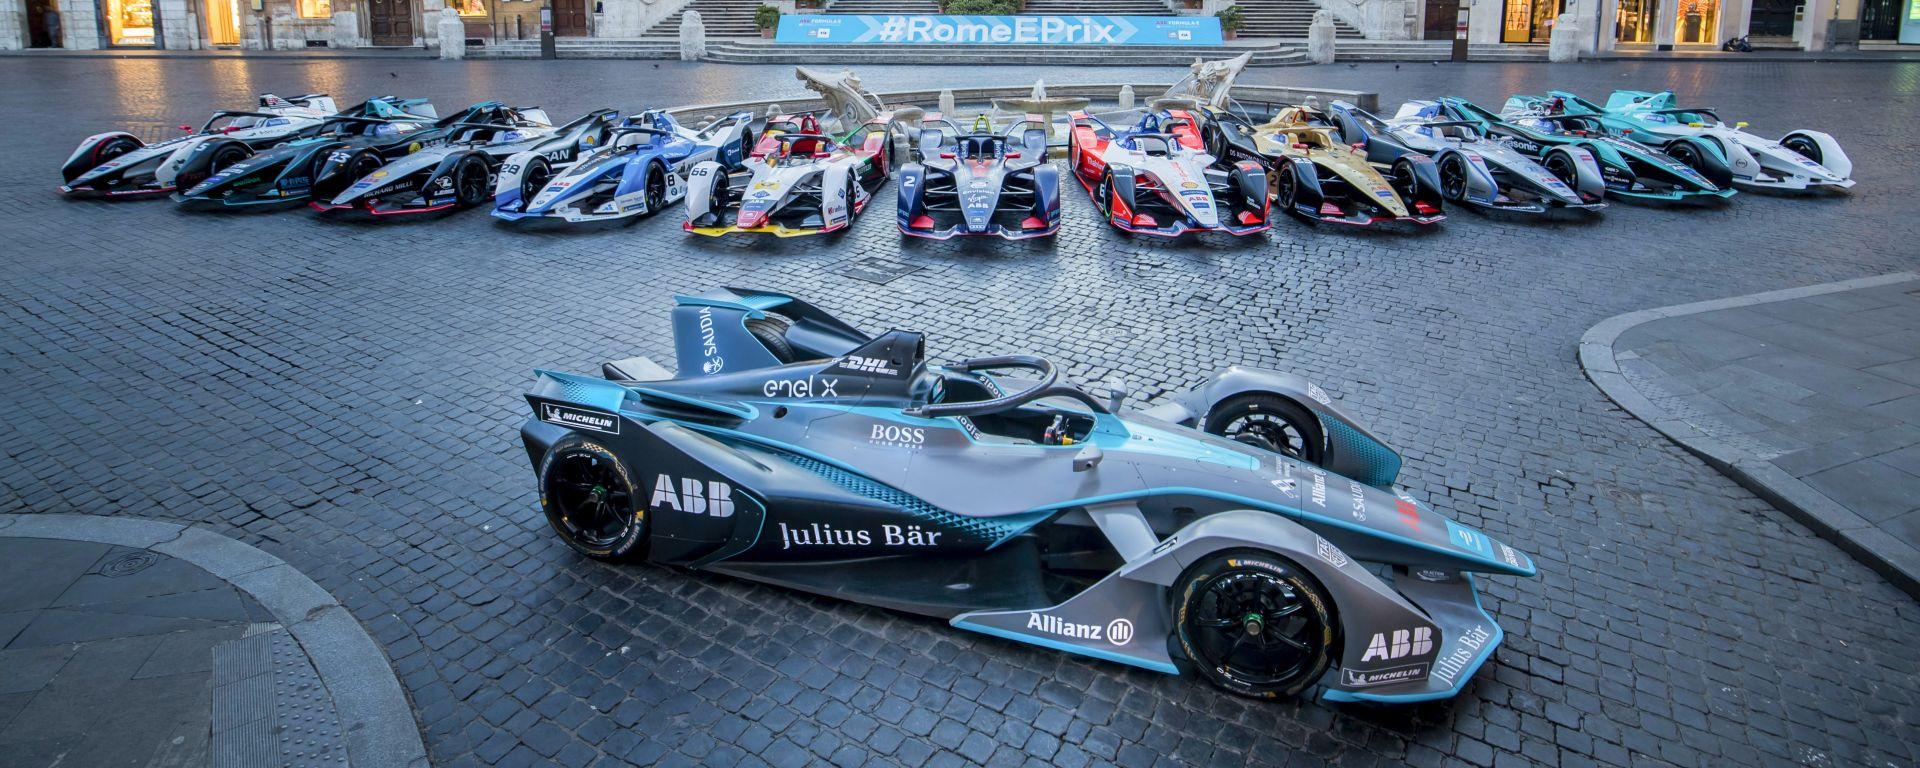 Formula E ePrix Roma 2019: le monoposto elettriche a Trinità dei Monti